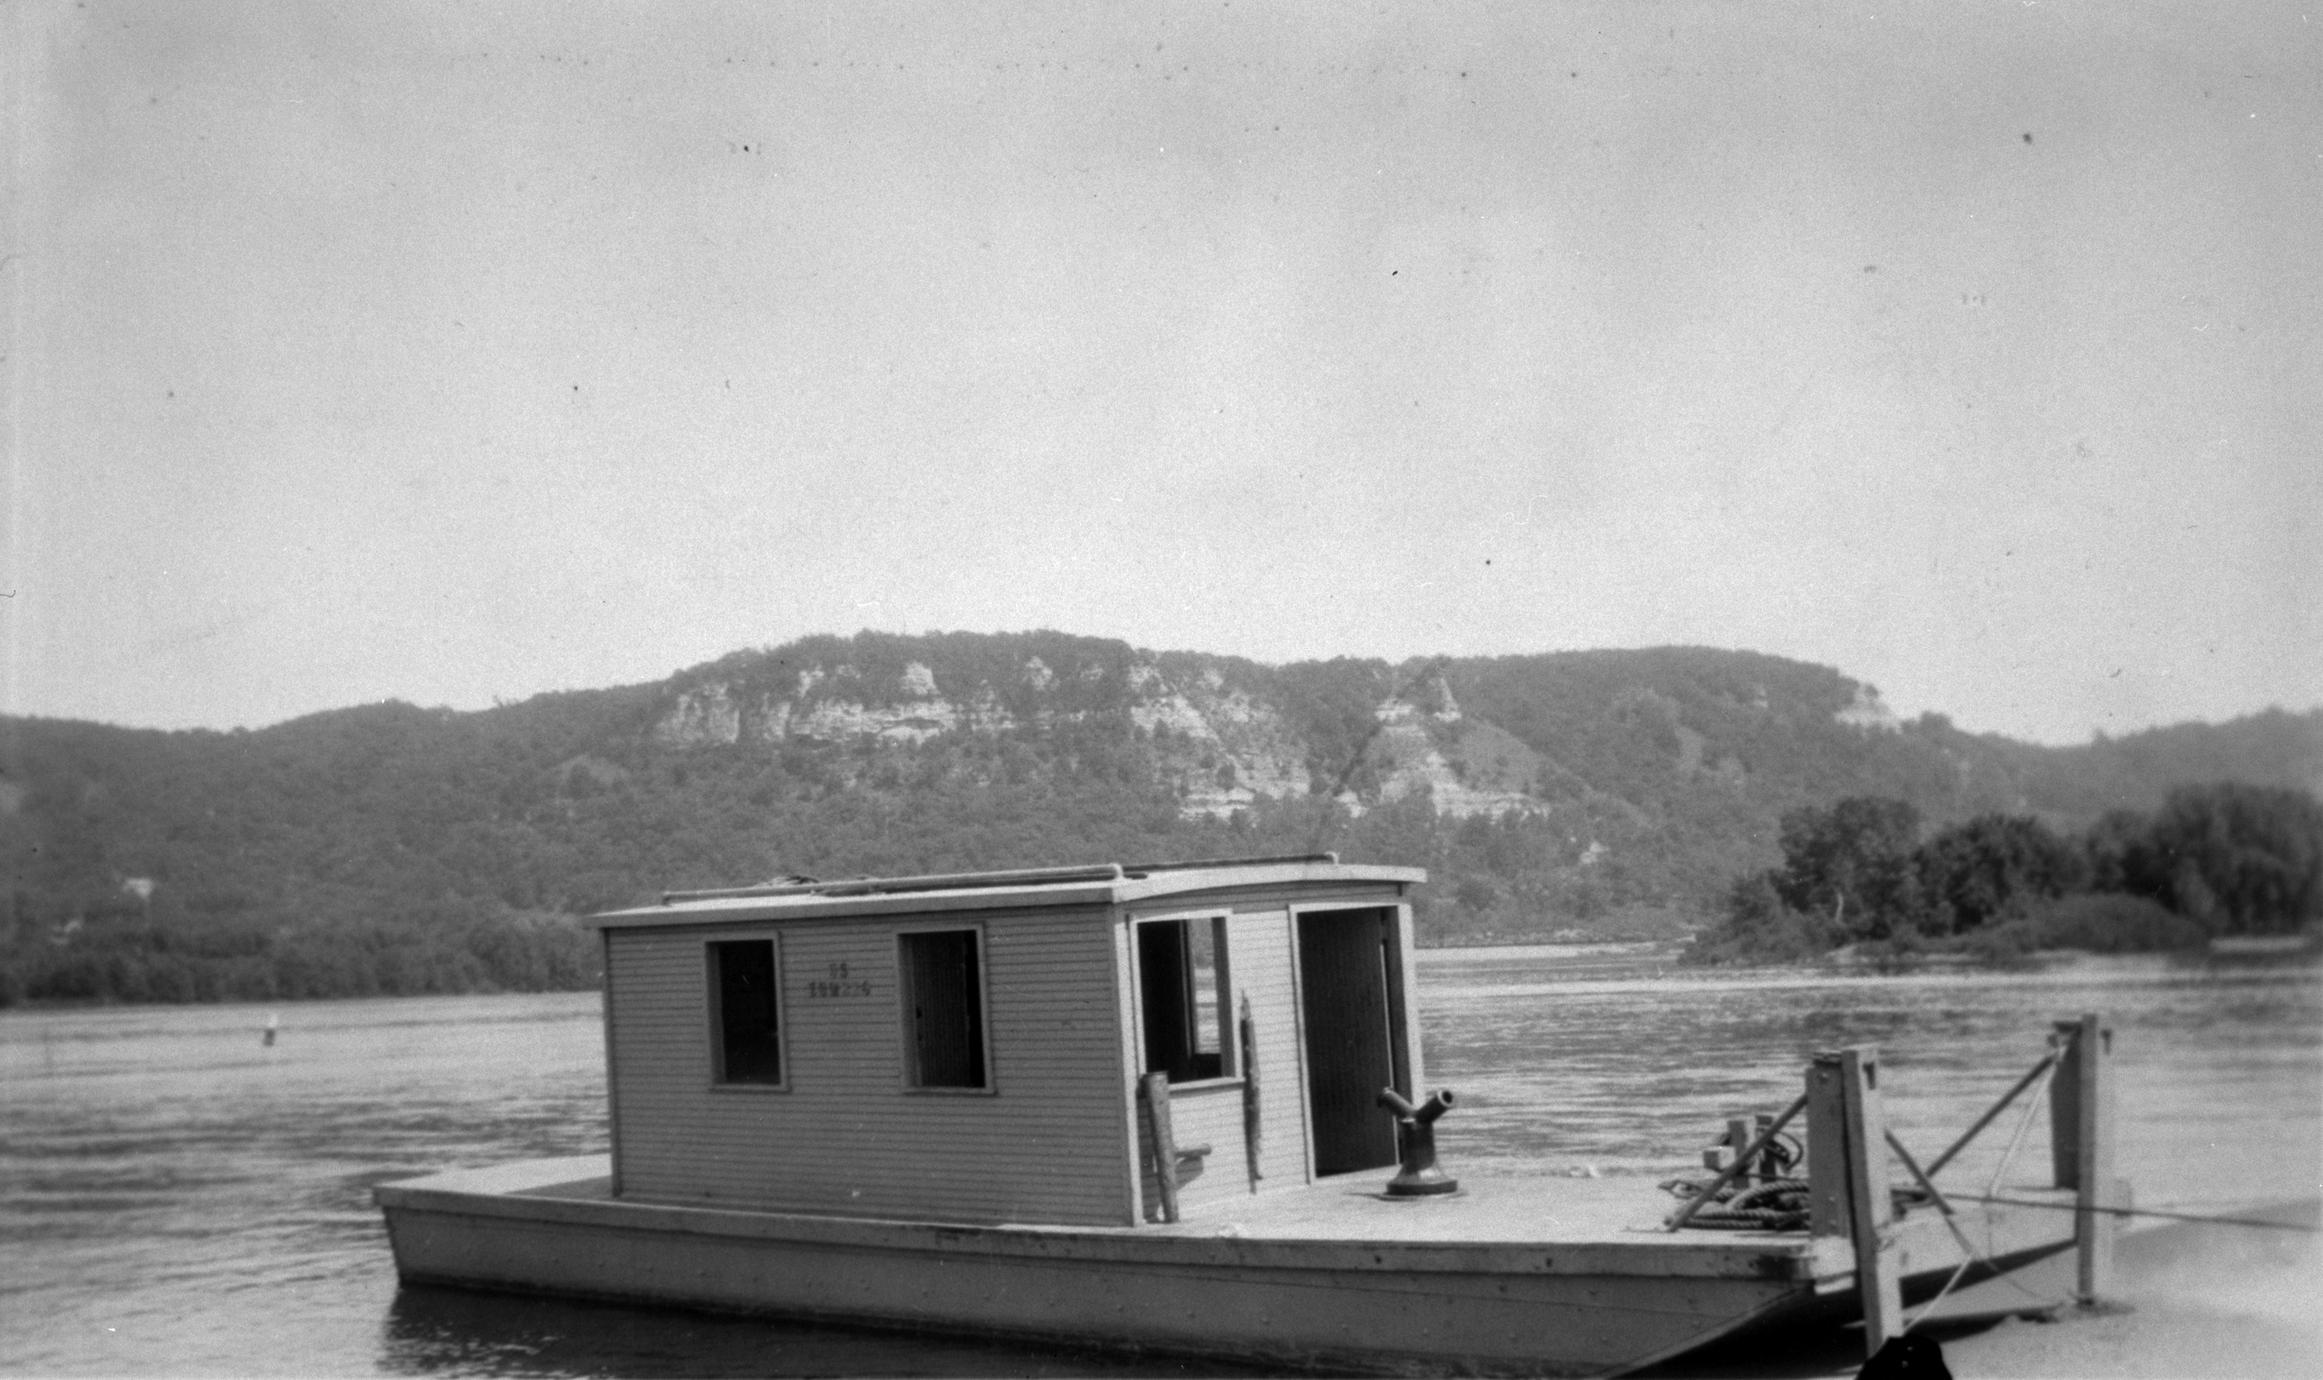 Zumbro (Towboat)